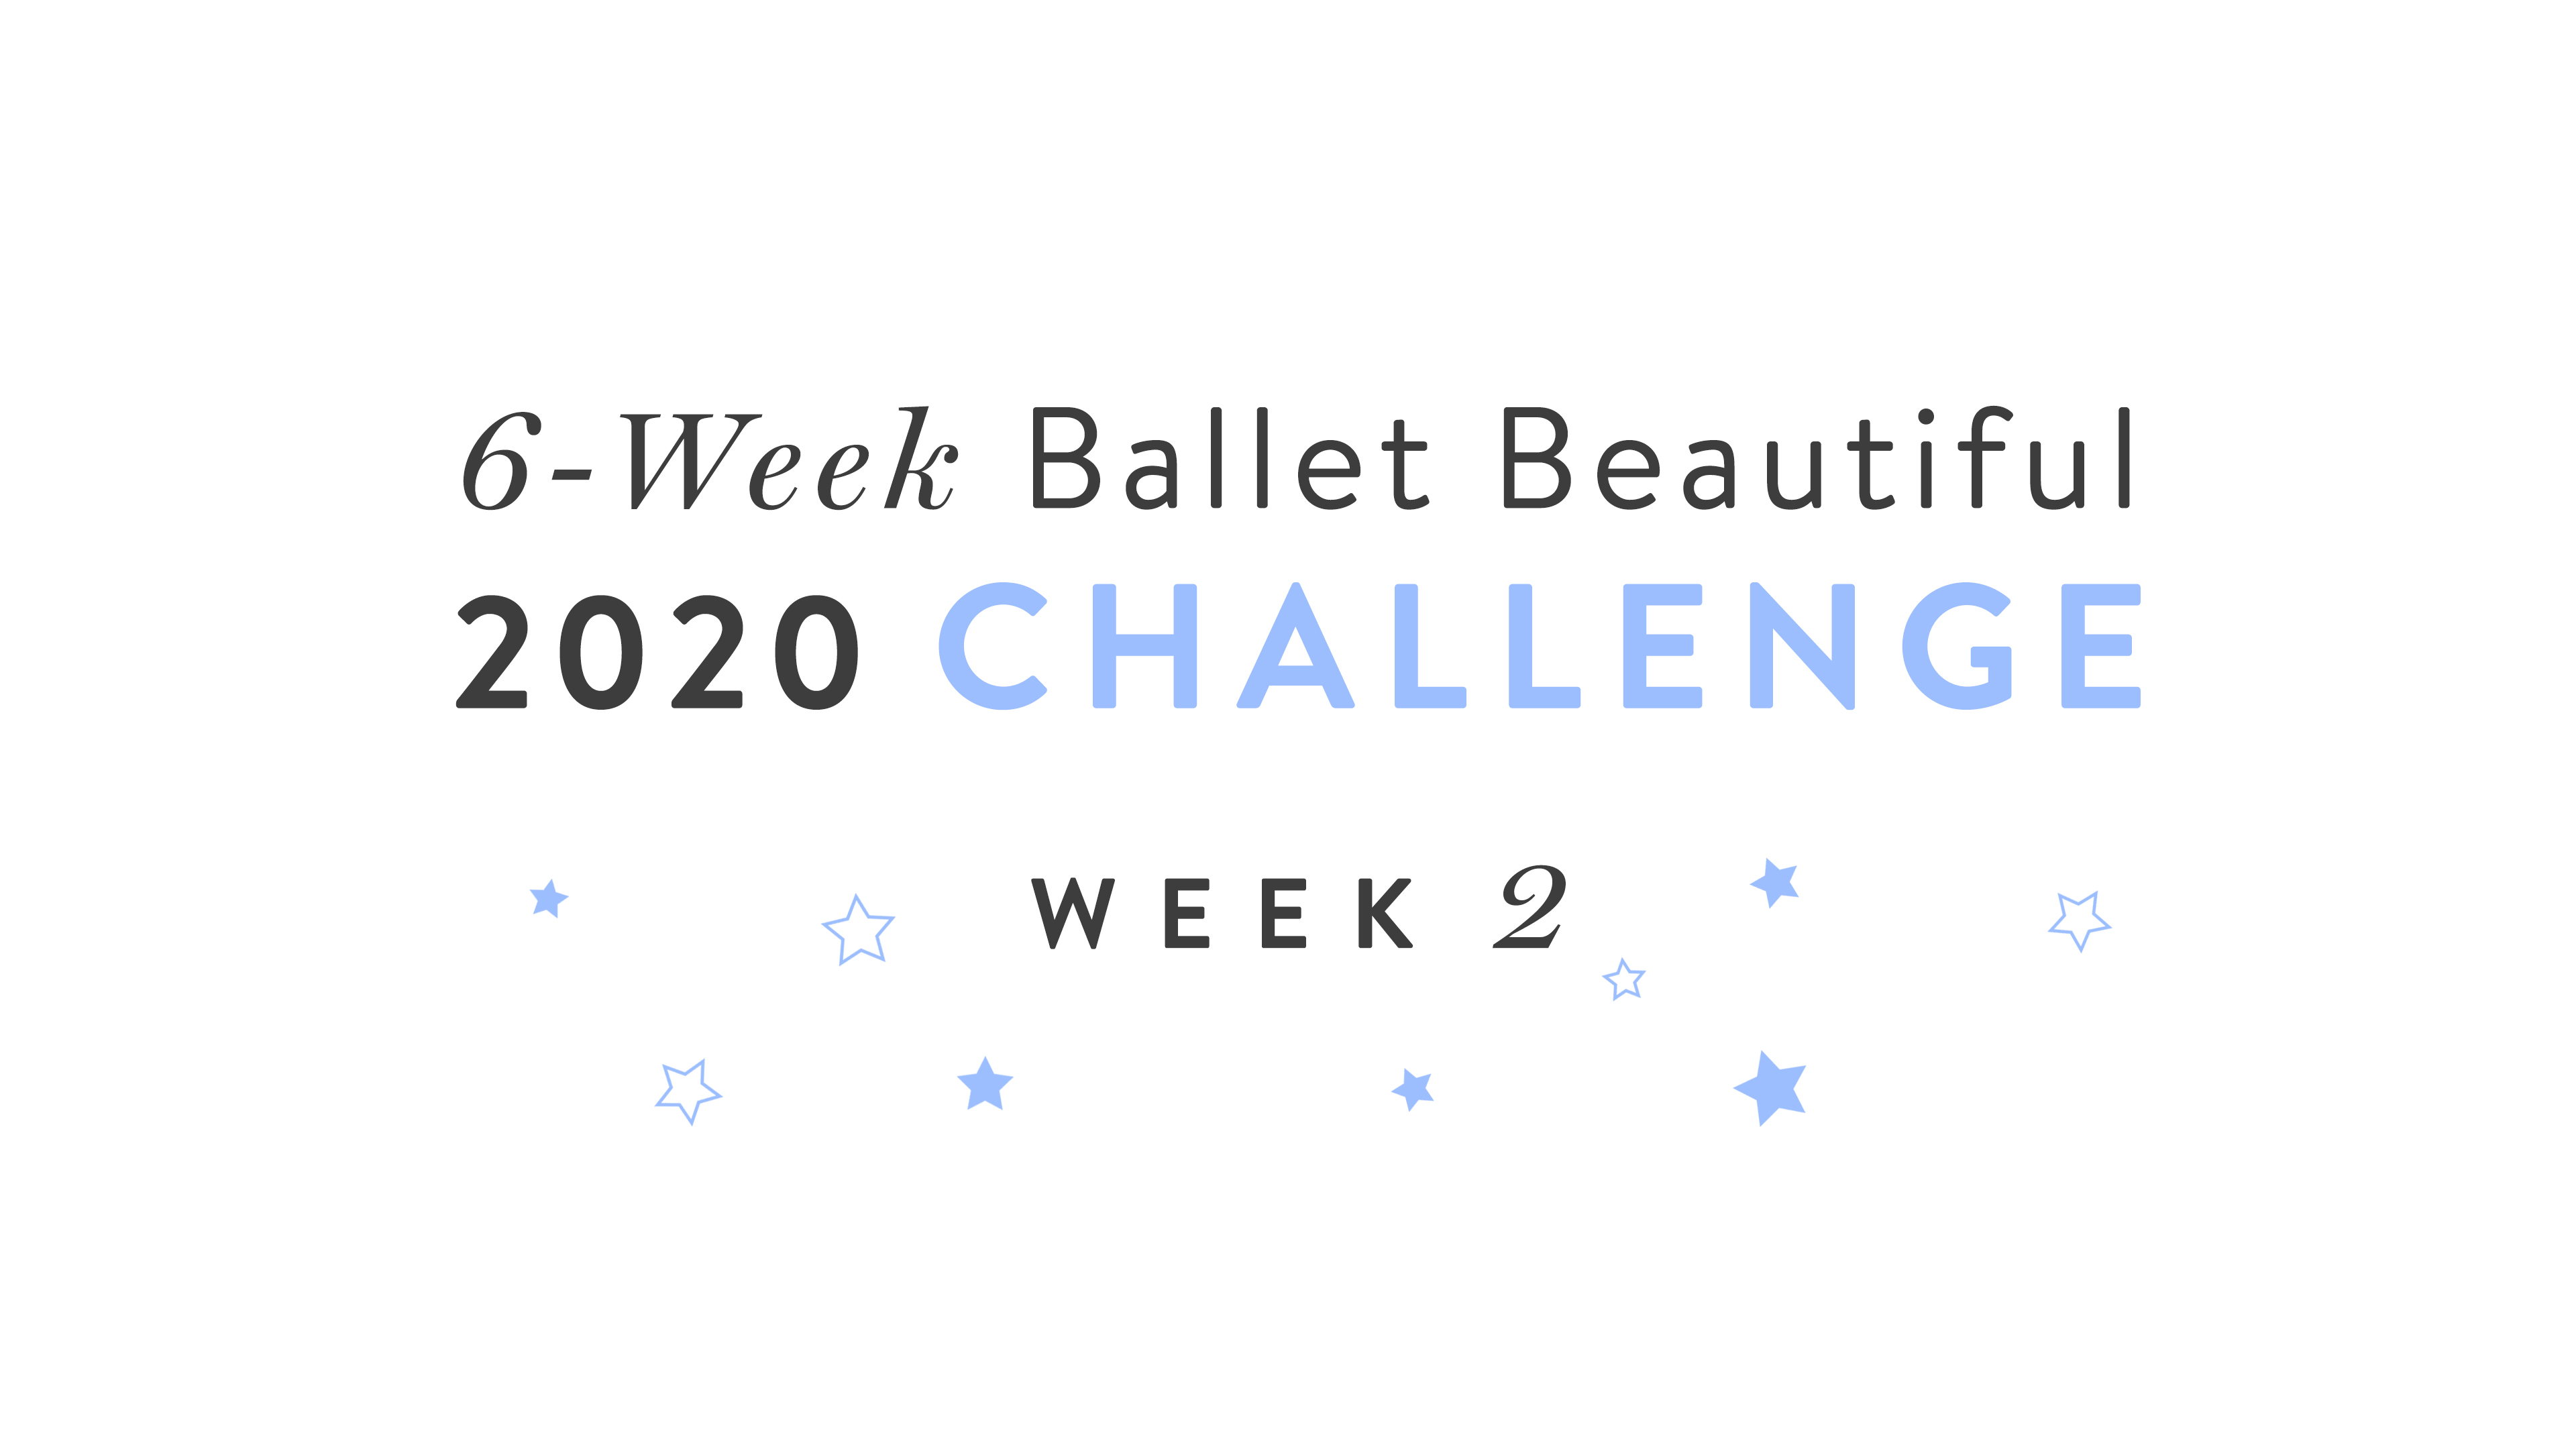 6-Week Challenge: Week 2